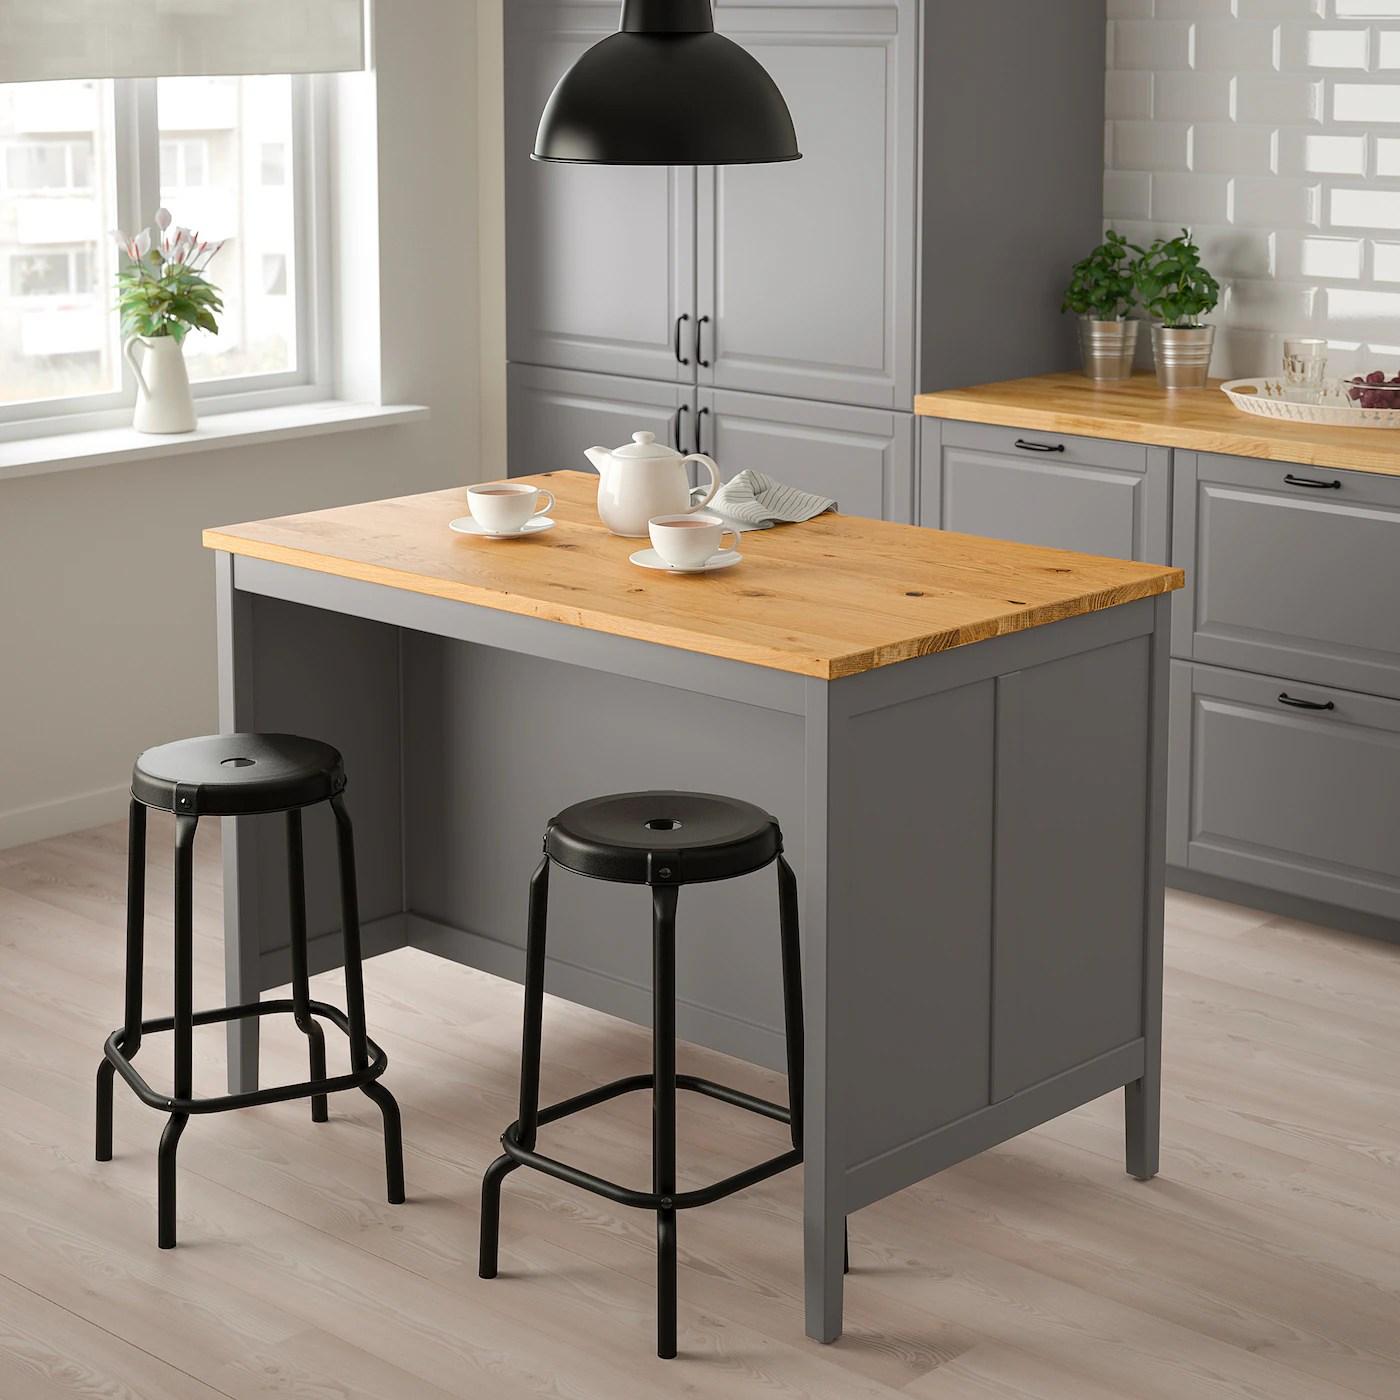 Tornviken Ilot Pour Cuisine Gris Chene 126x77 Cm Ikea